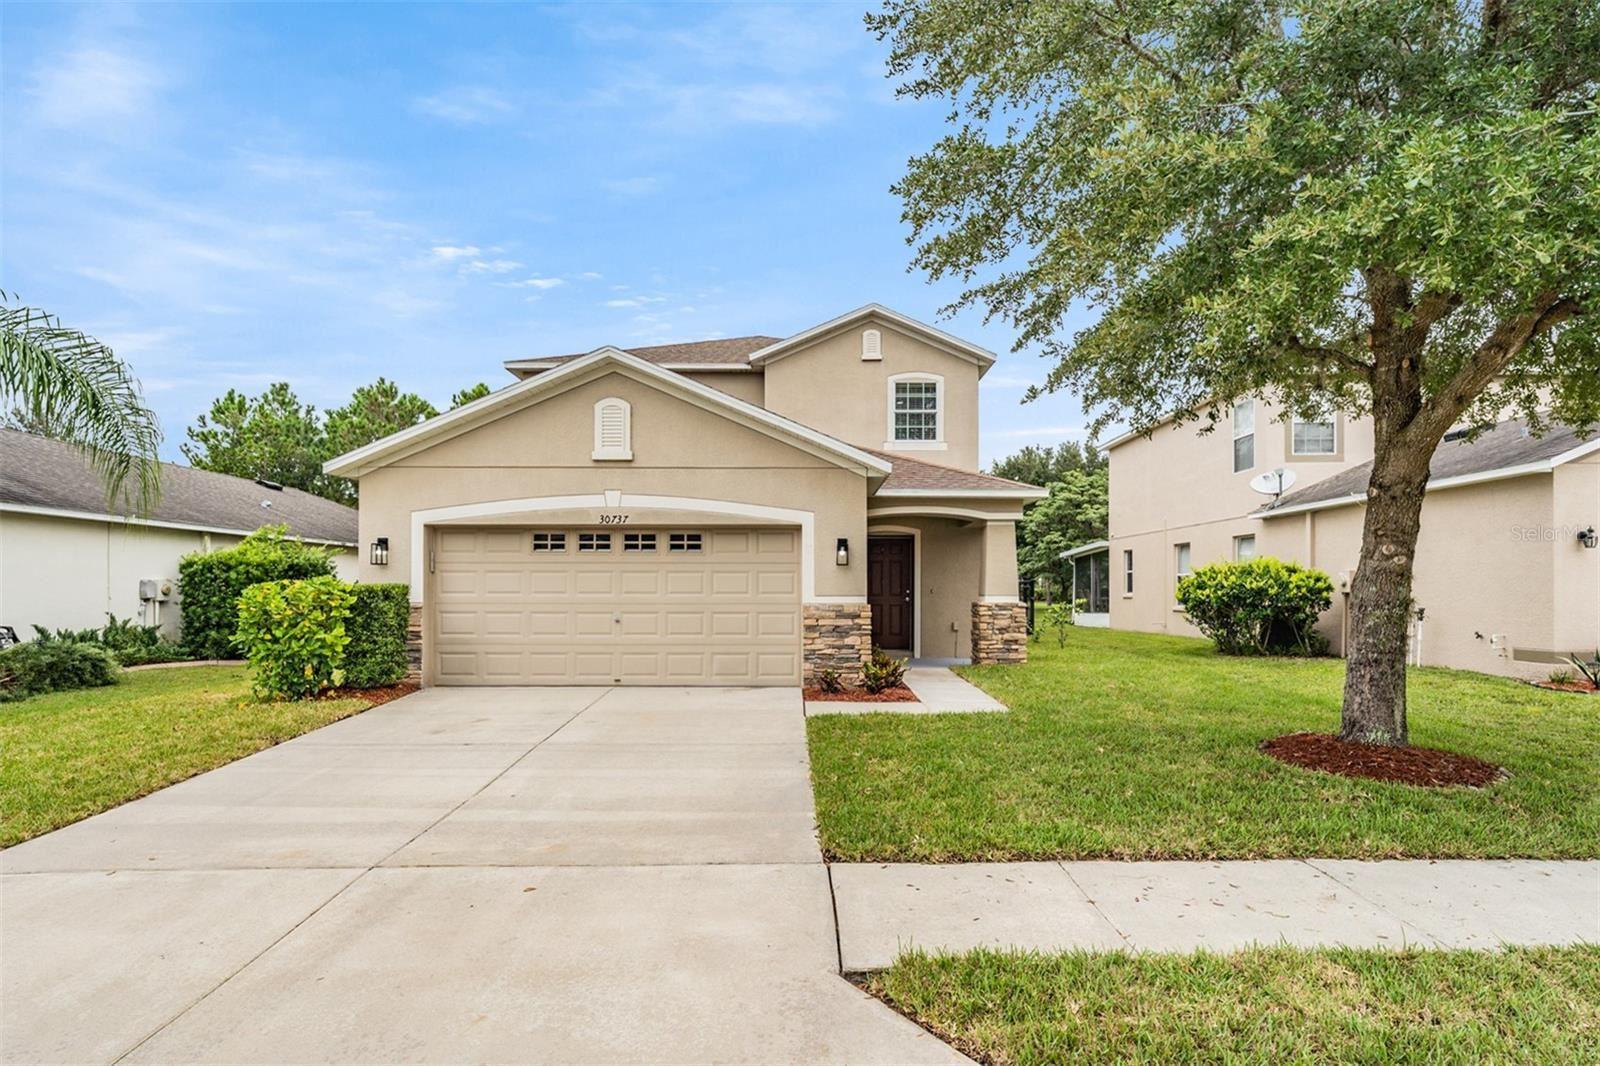 30737 WHITE BIRD AVENUE, Wesley Chapel, FL 33543 - MLS#: U8137191